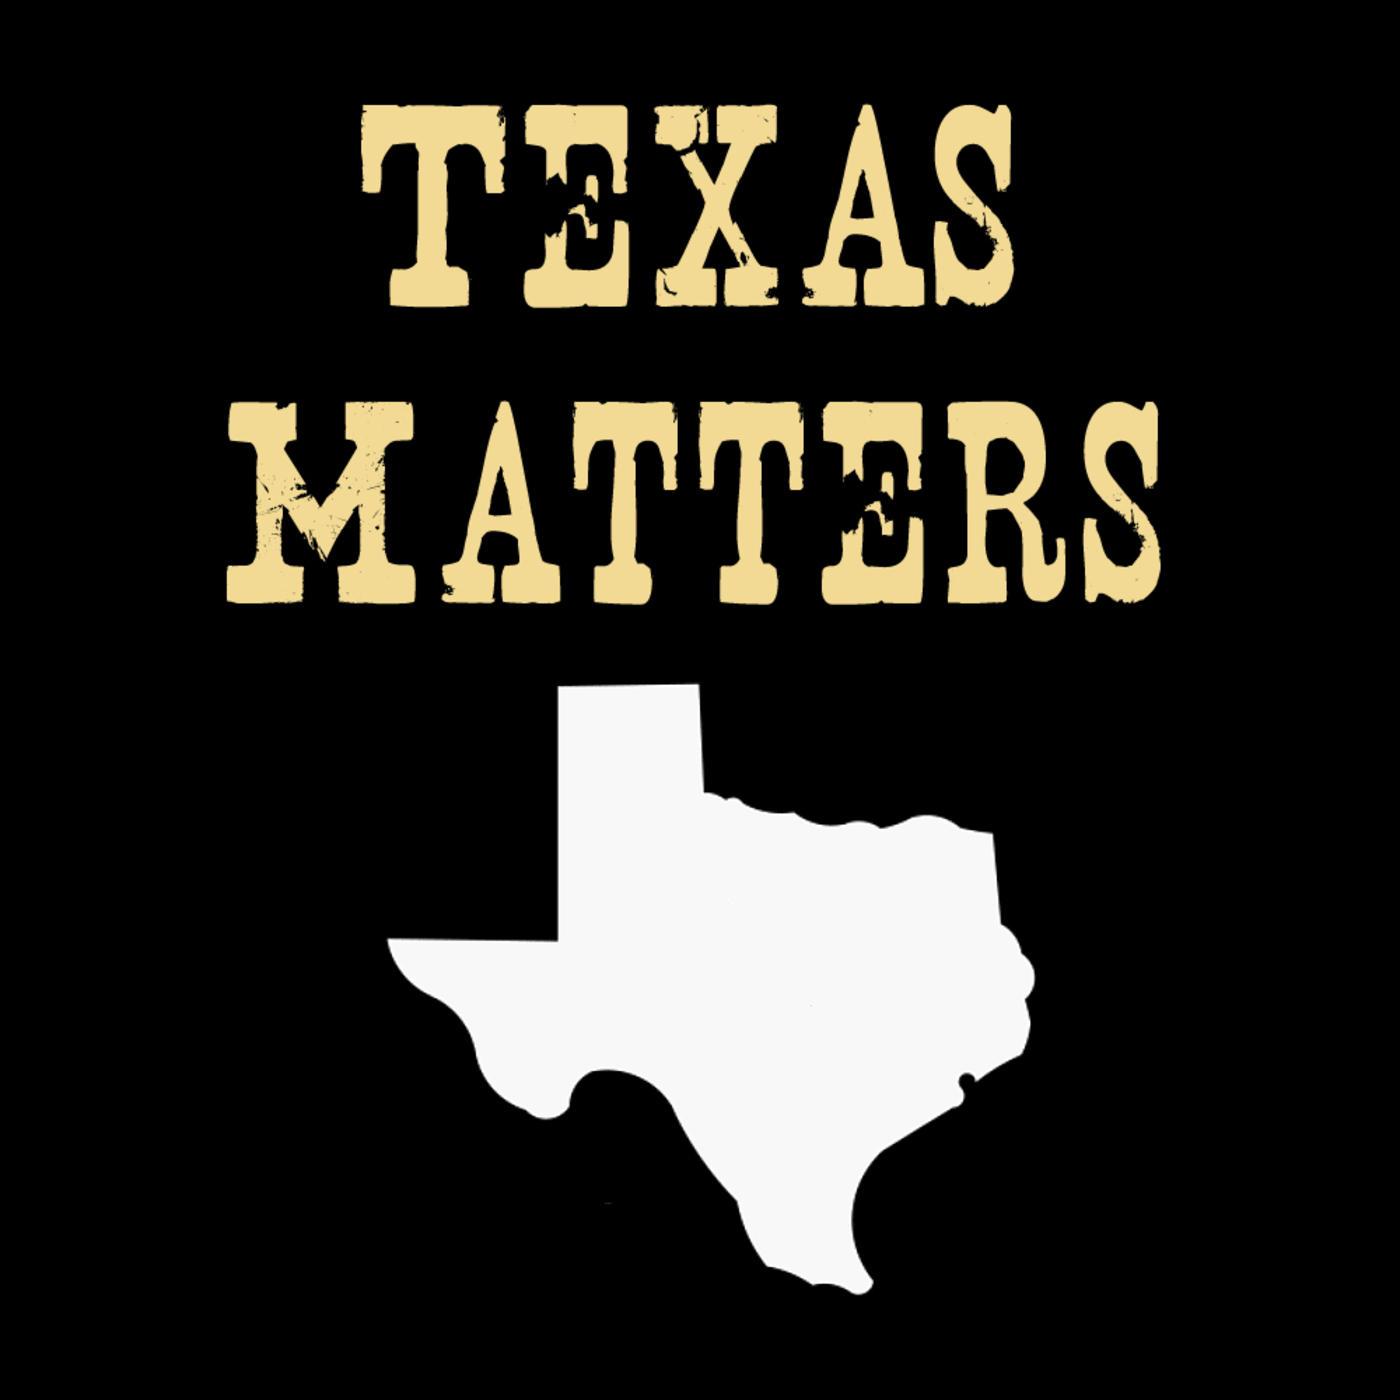 Texas Matters